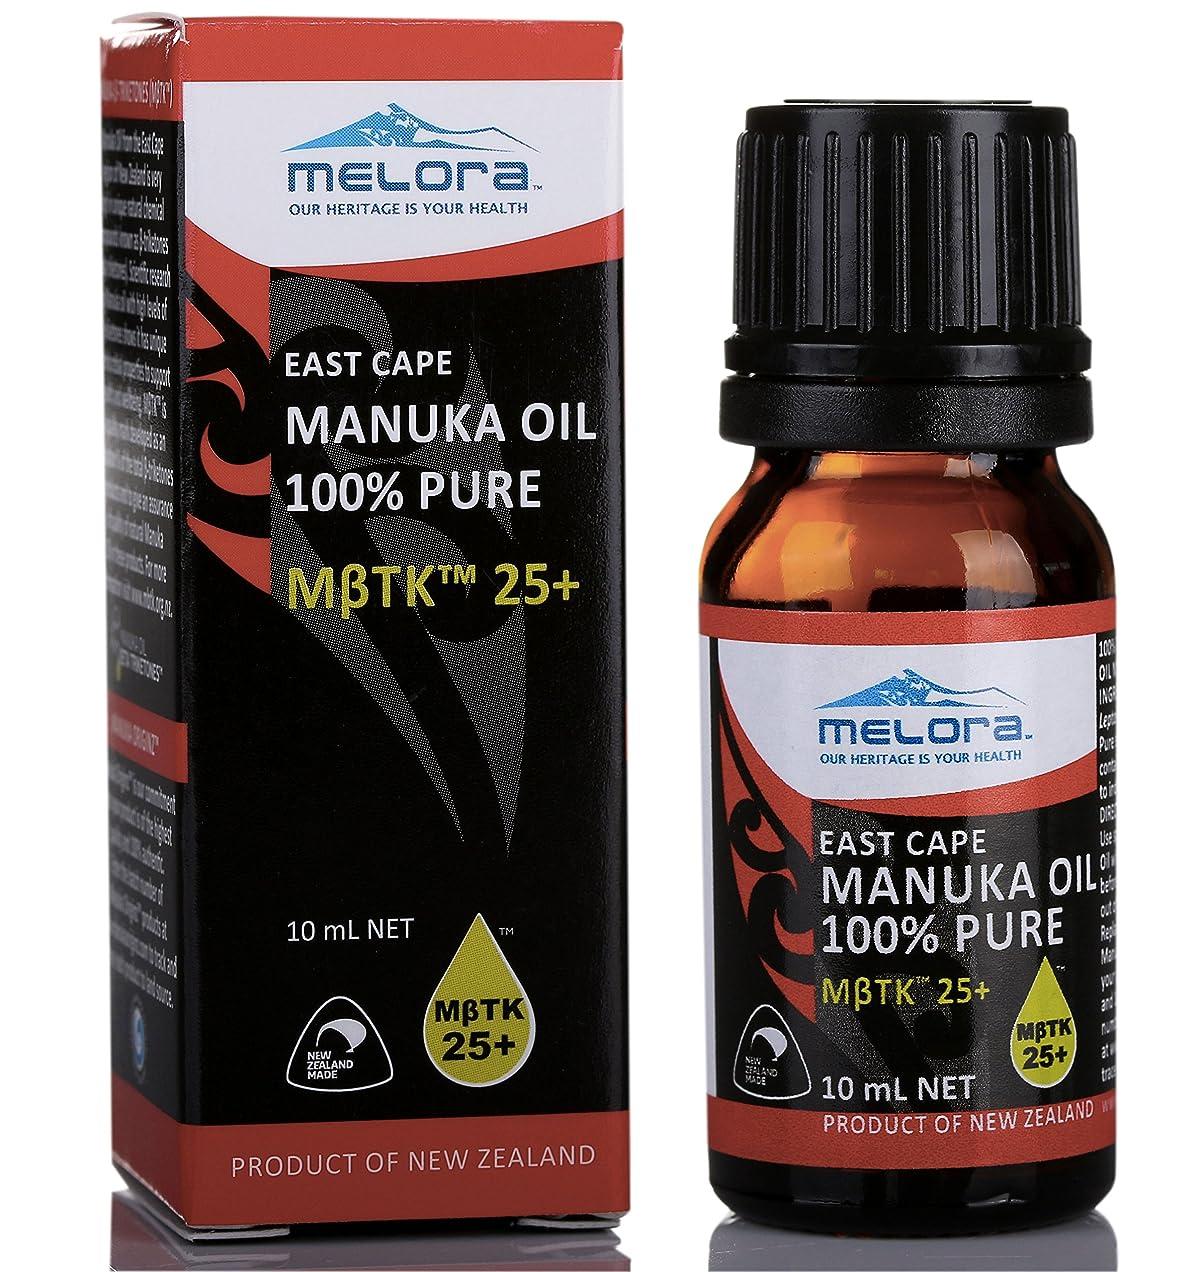 見込み目に見える検査官EAST CAPE MANUKA OIL 100%PURE MBTK 25+ 100%マヌカオイル(精油) 10ml